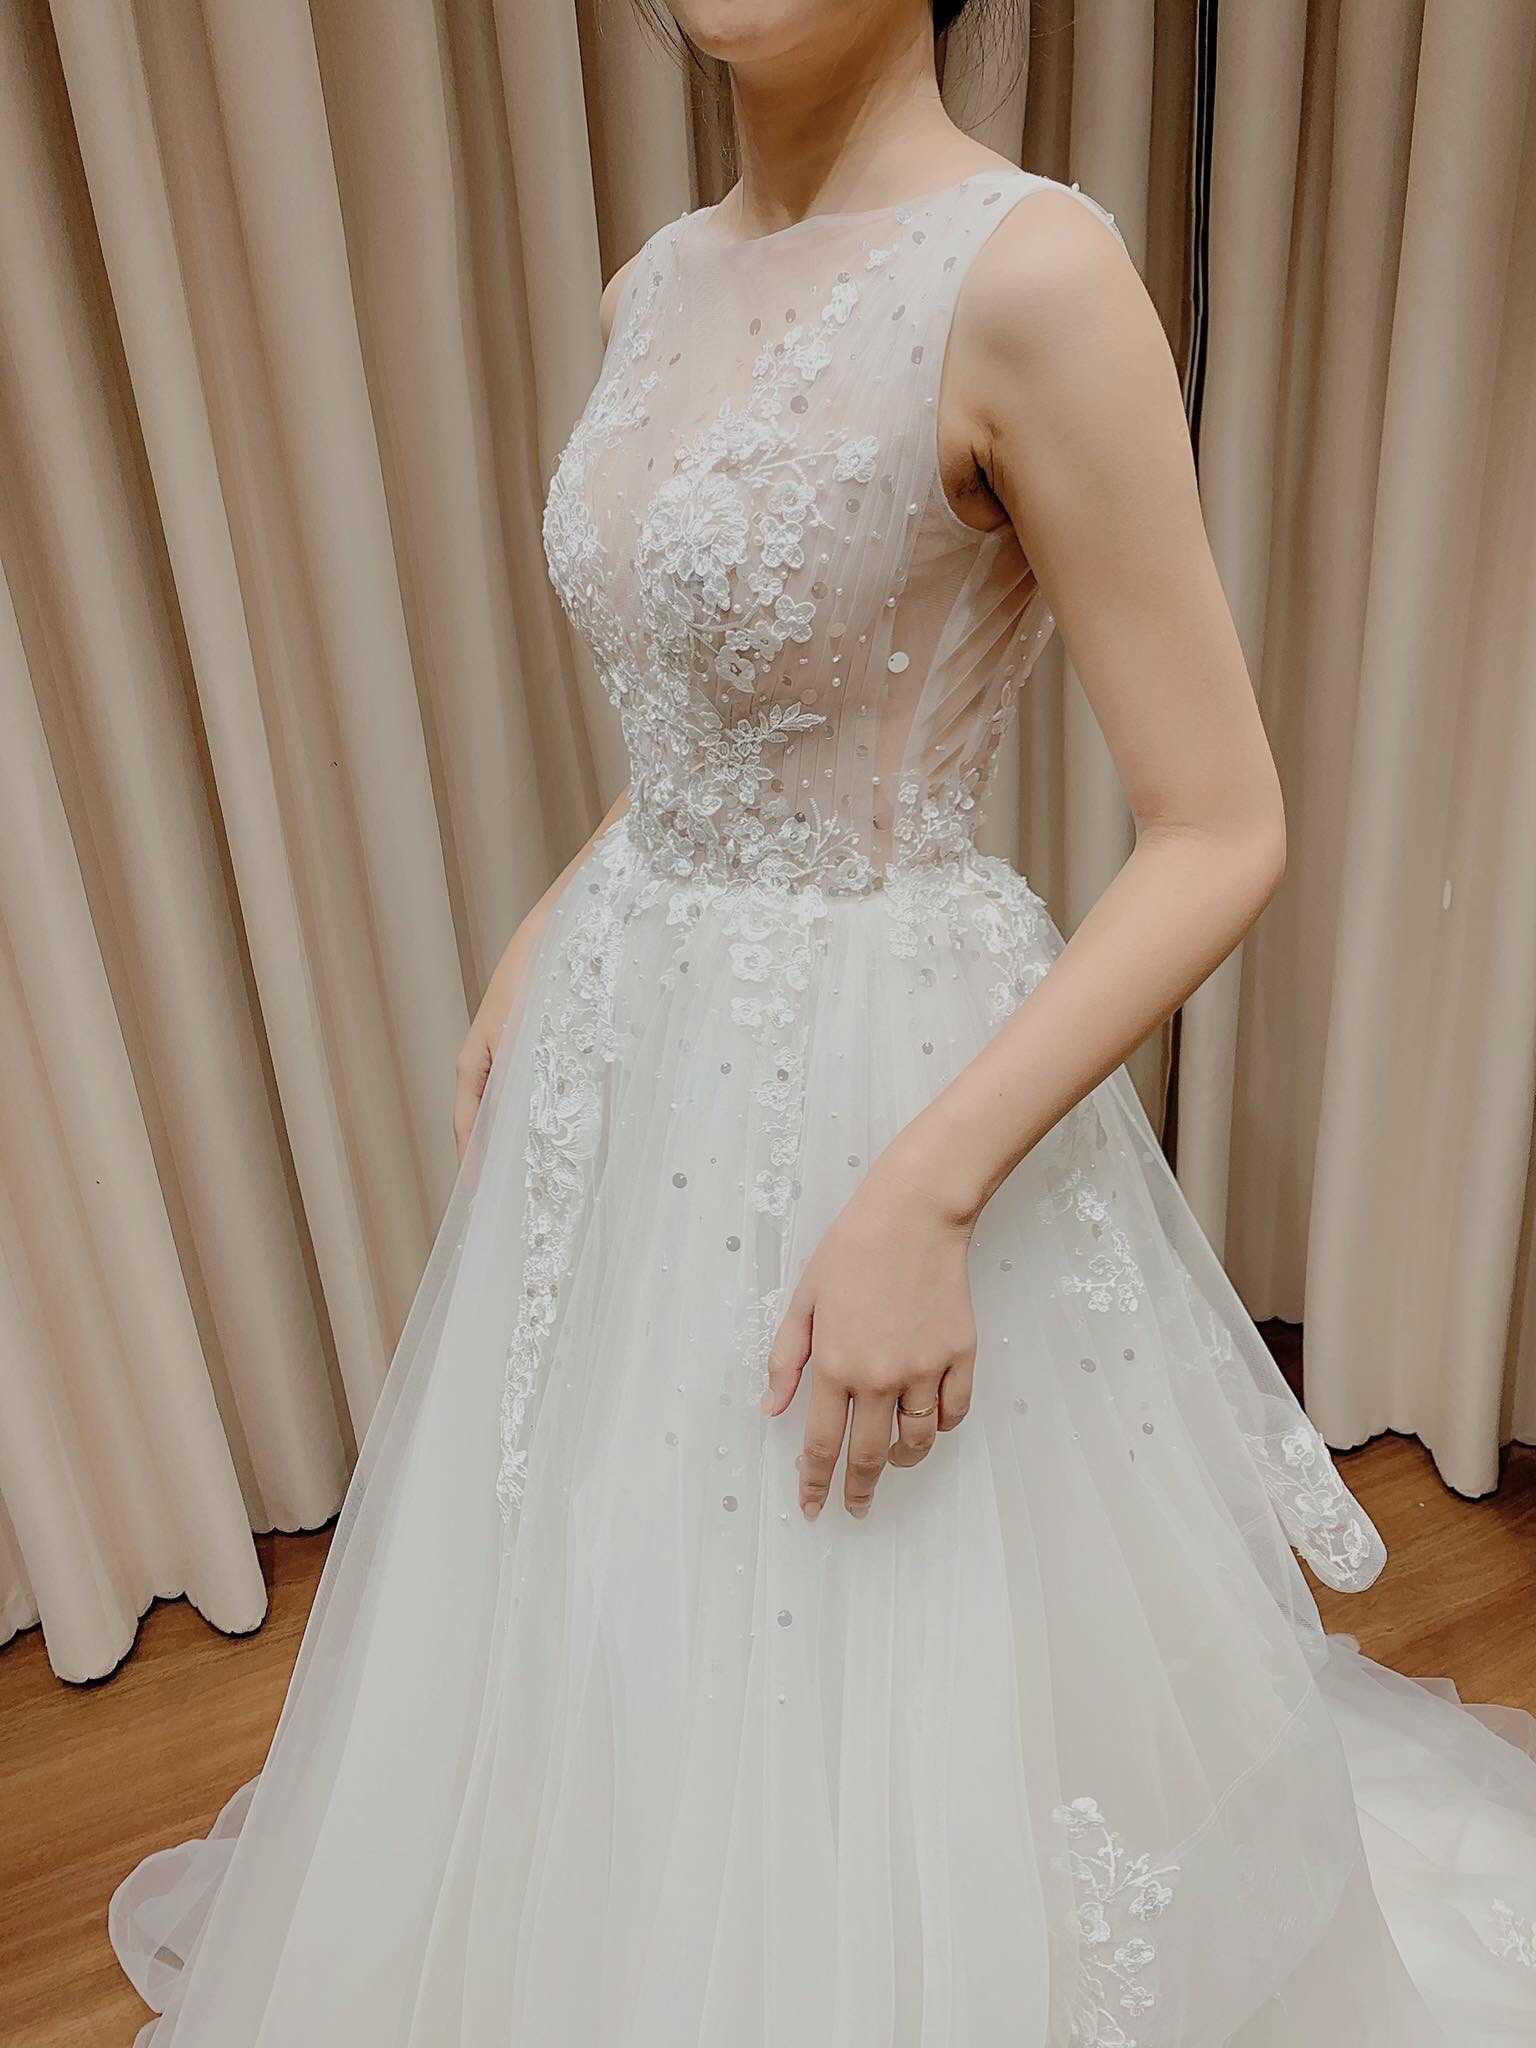 áo cưới cho bà bầu 4 tháng